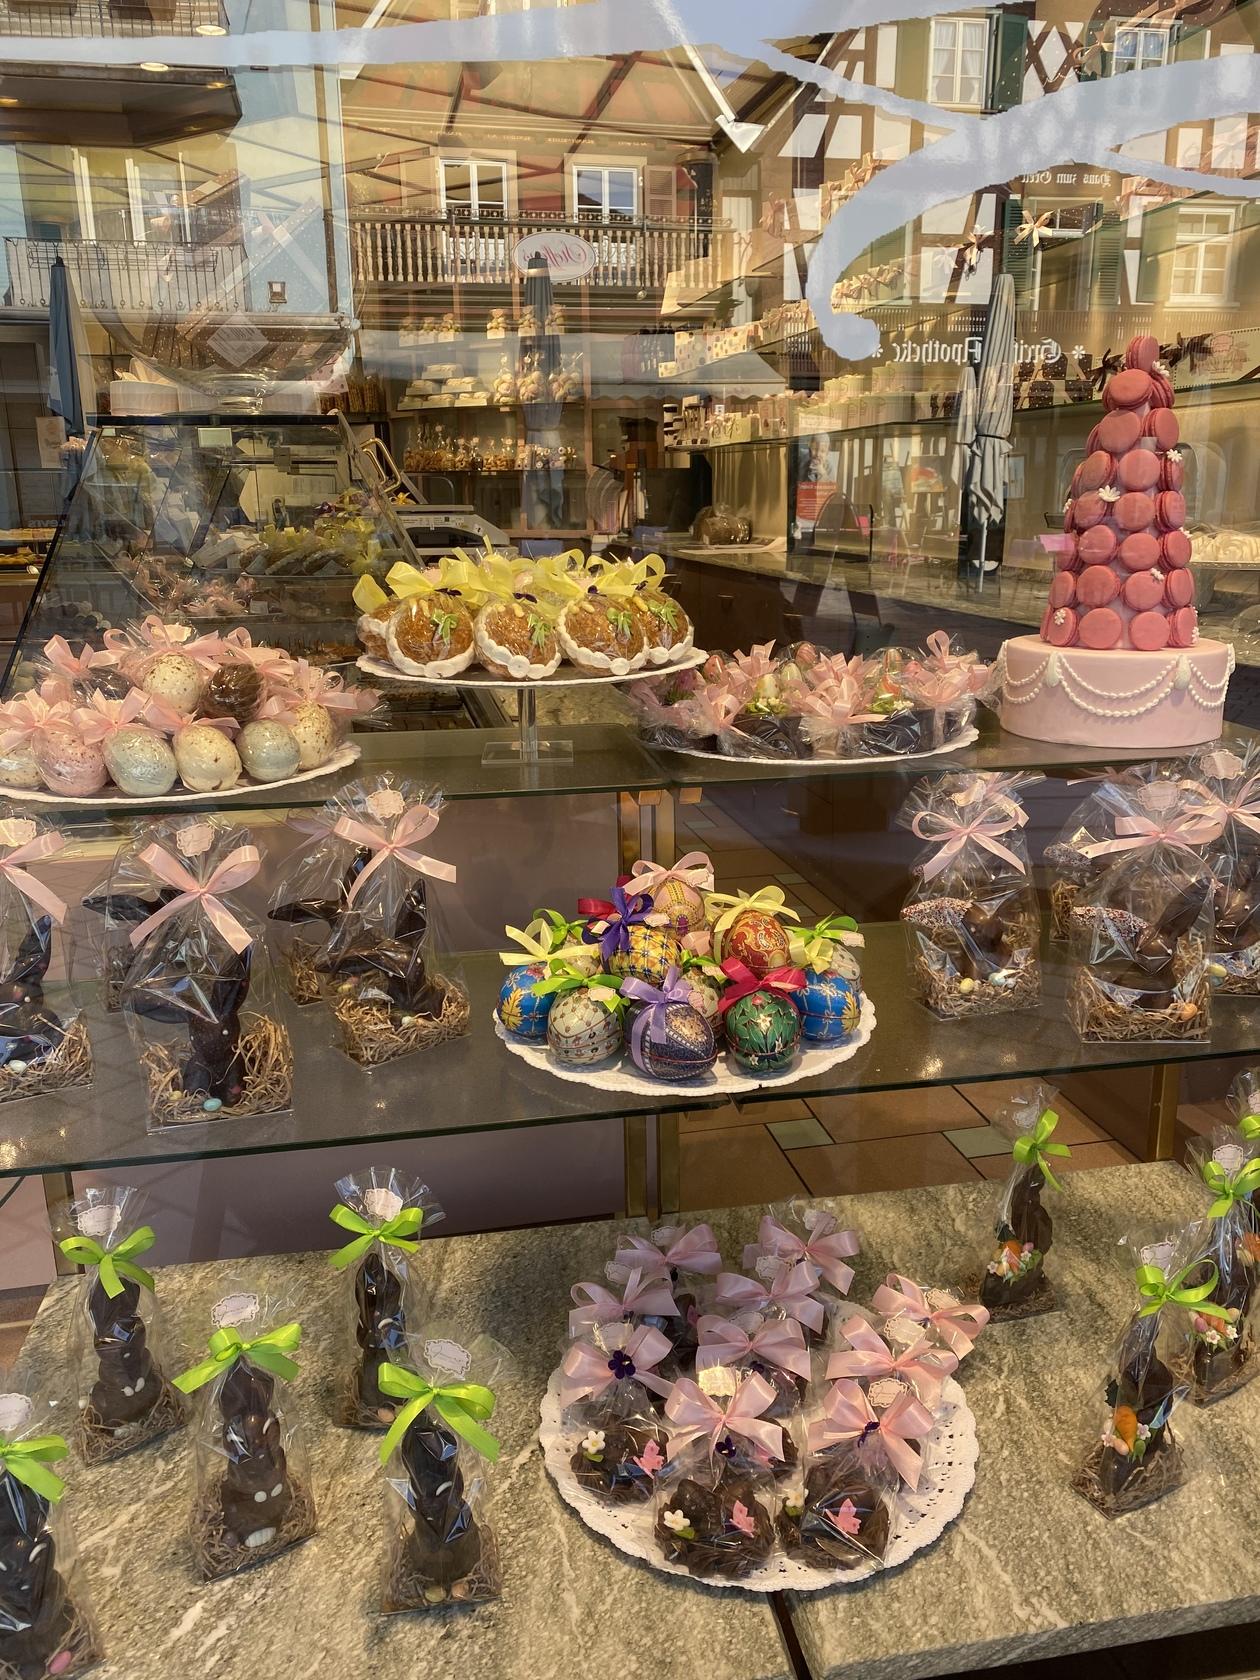 グマイナーのスイーツ・チョコレート | オッフェンブルク在住Kikoさんのおすすめスイーツ・お菓子